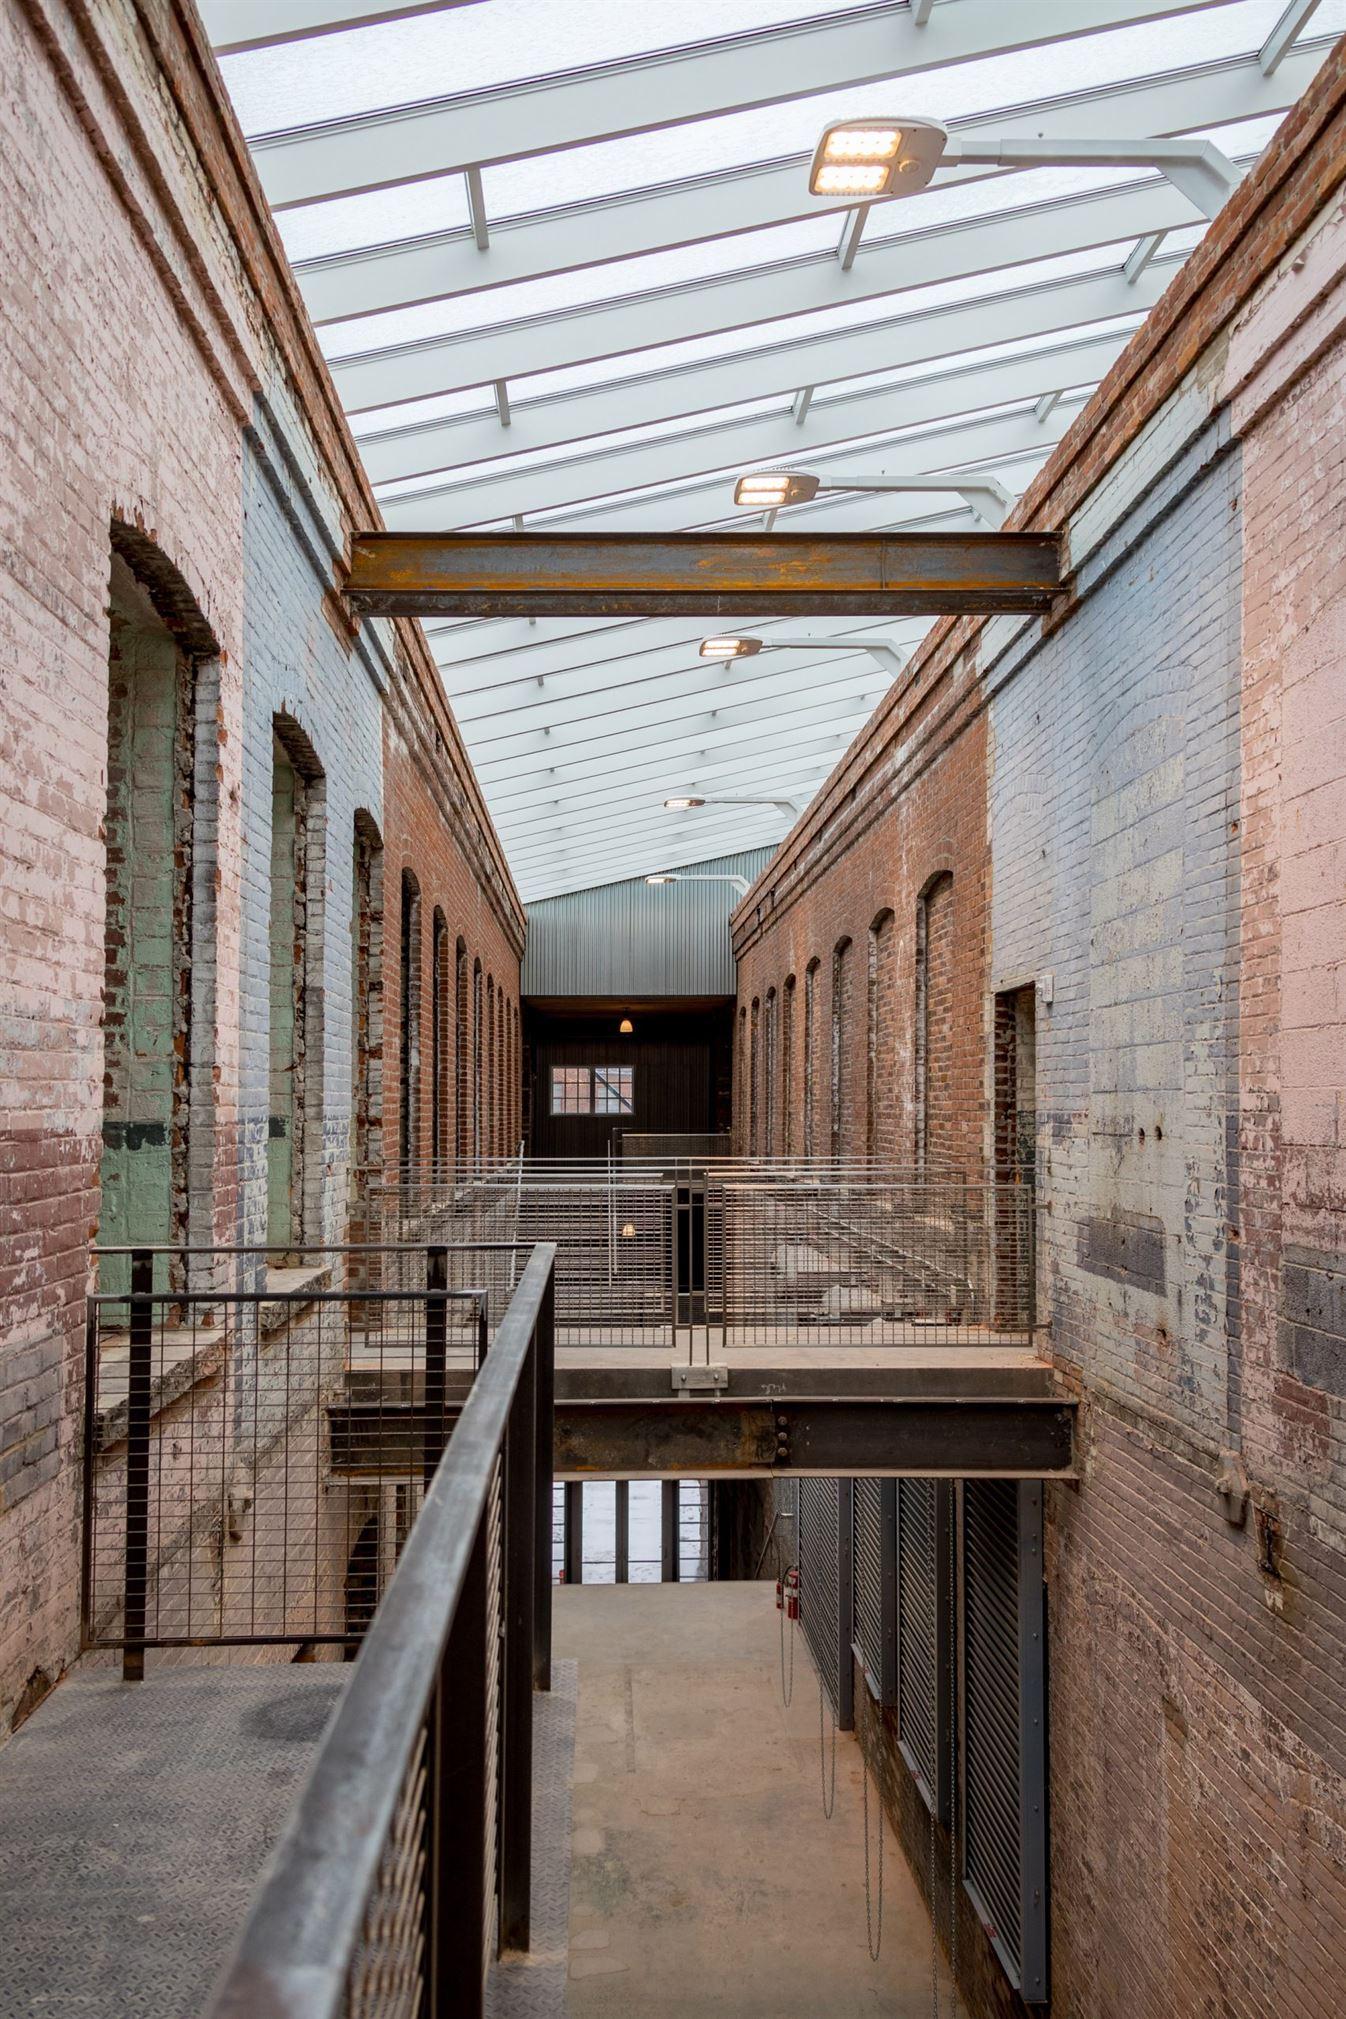 bruner-cott-mass-moca-massachusetts-museum-of-contemporary-art-museum-textile-8888factory-berkshires-expansion-renovation_dezeen_6-1704